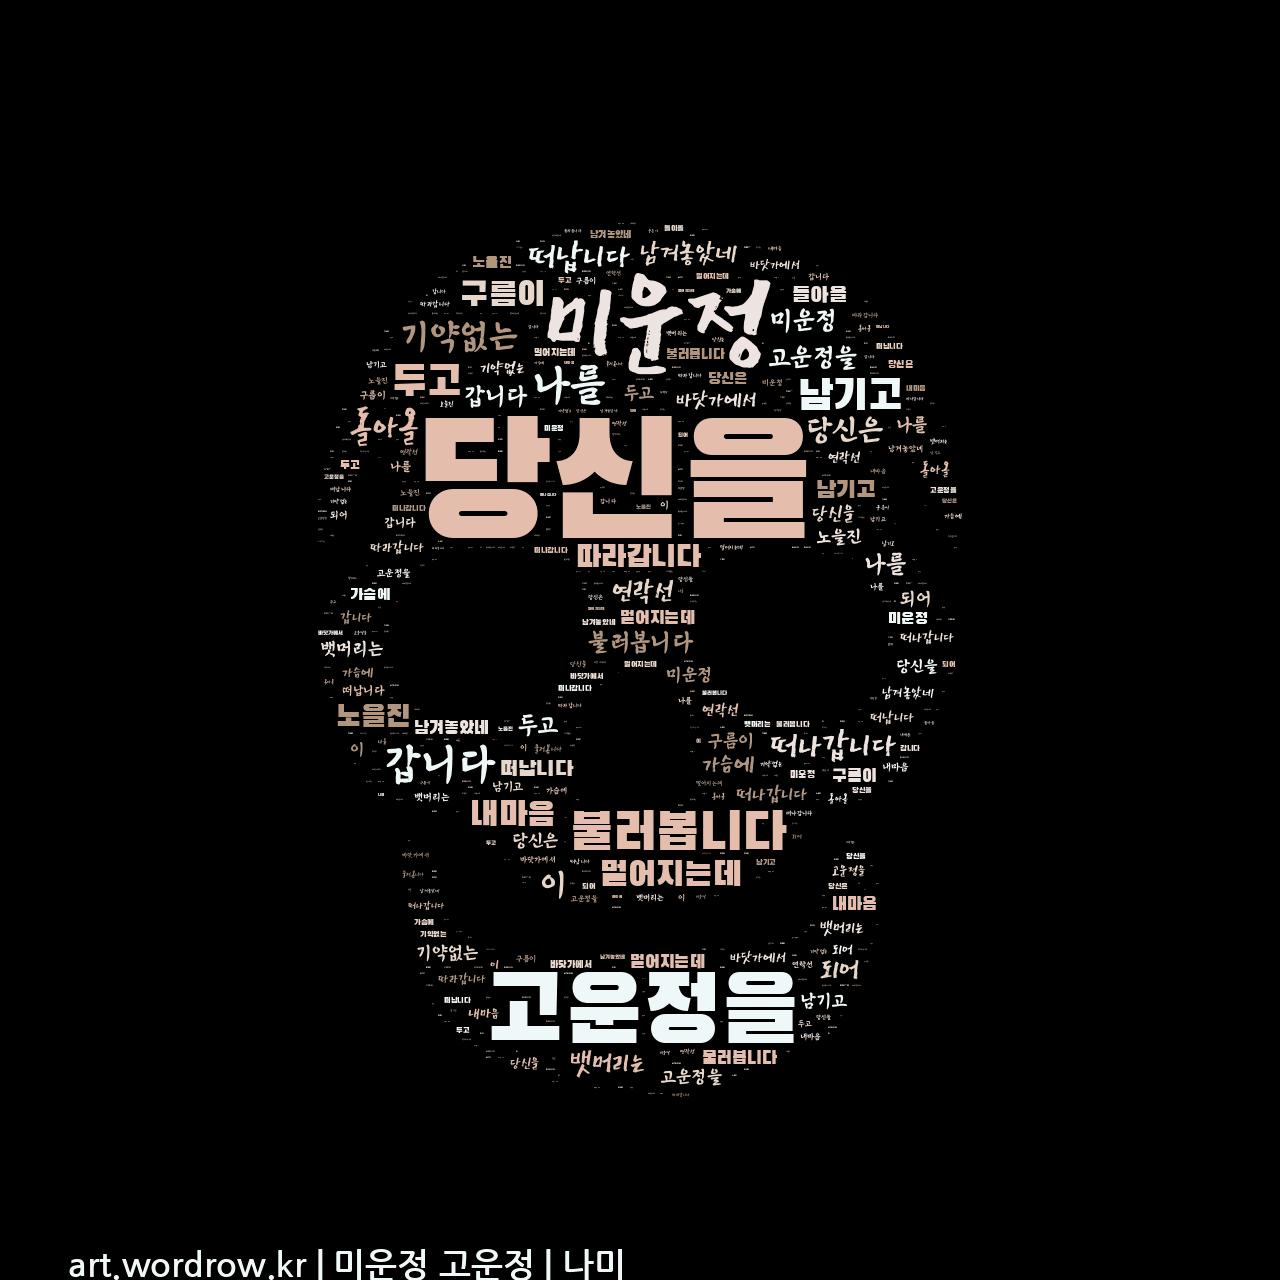 워드 클라우드: 미운정 고운정 [나미]-5